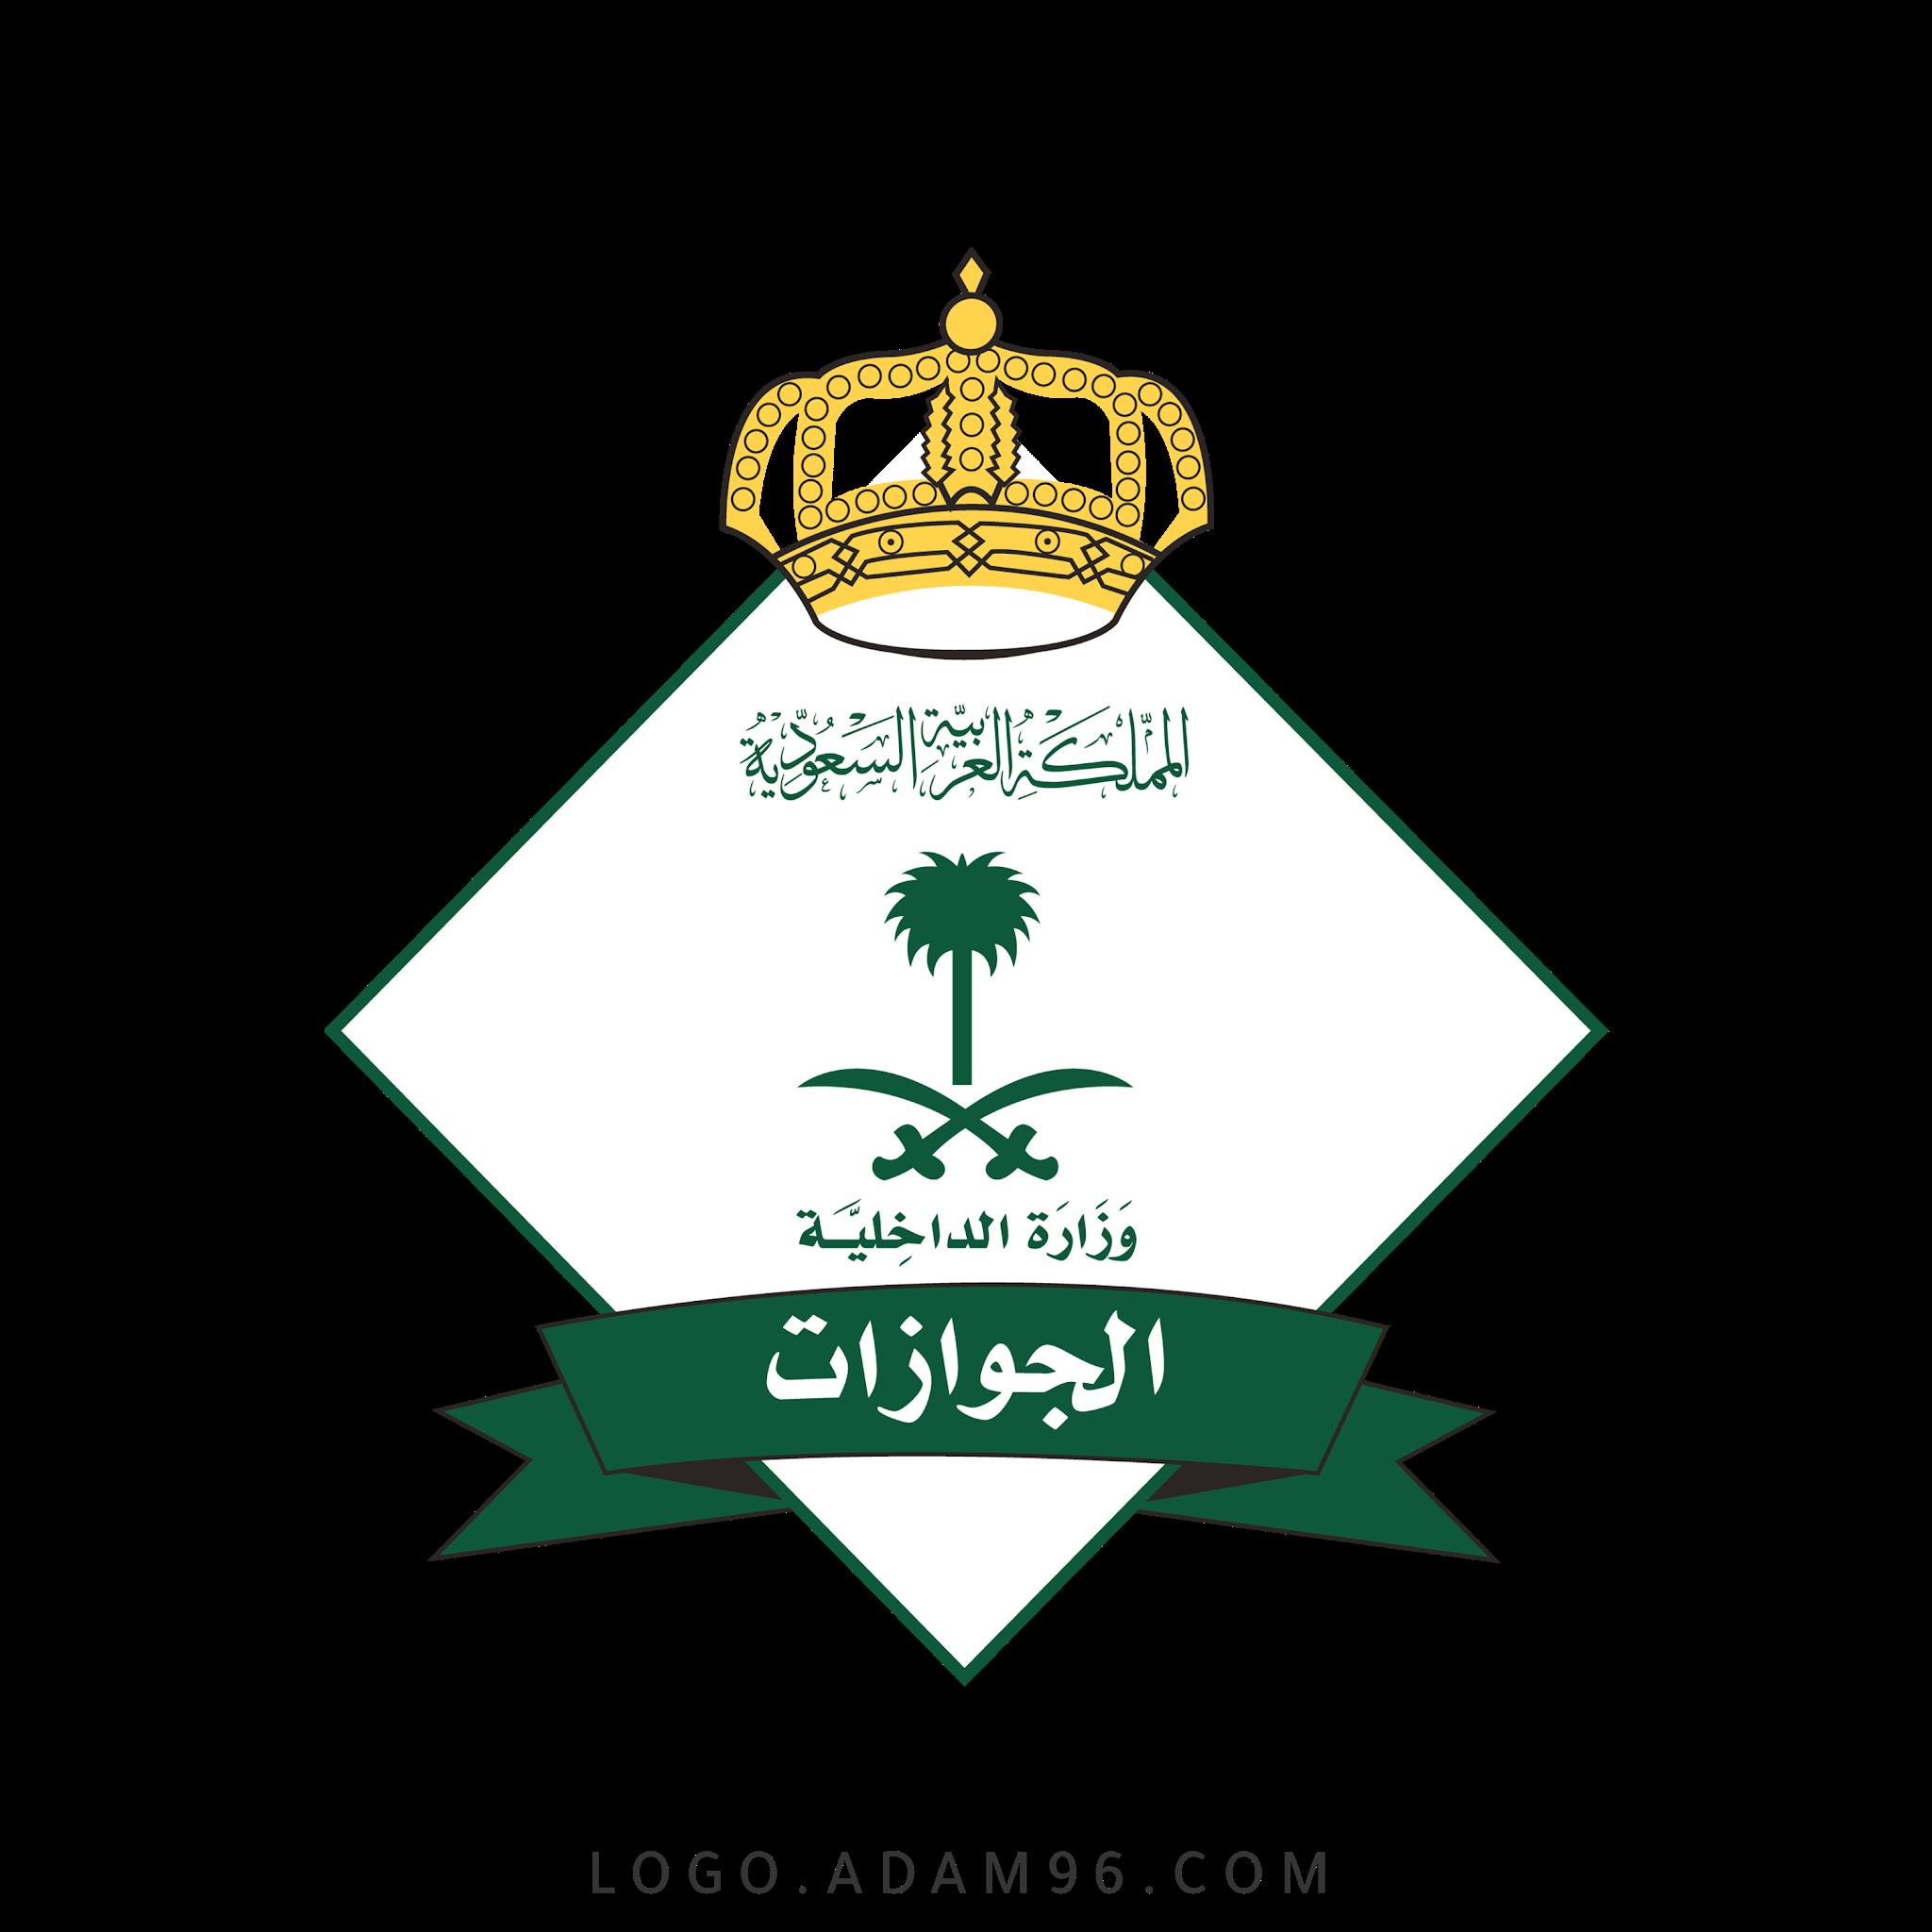 تحميل شعار الجوازات السعودية وزارة الداخلية لوجو رسمي عالي الجودة PNG